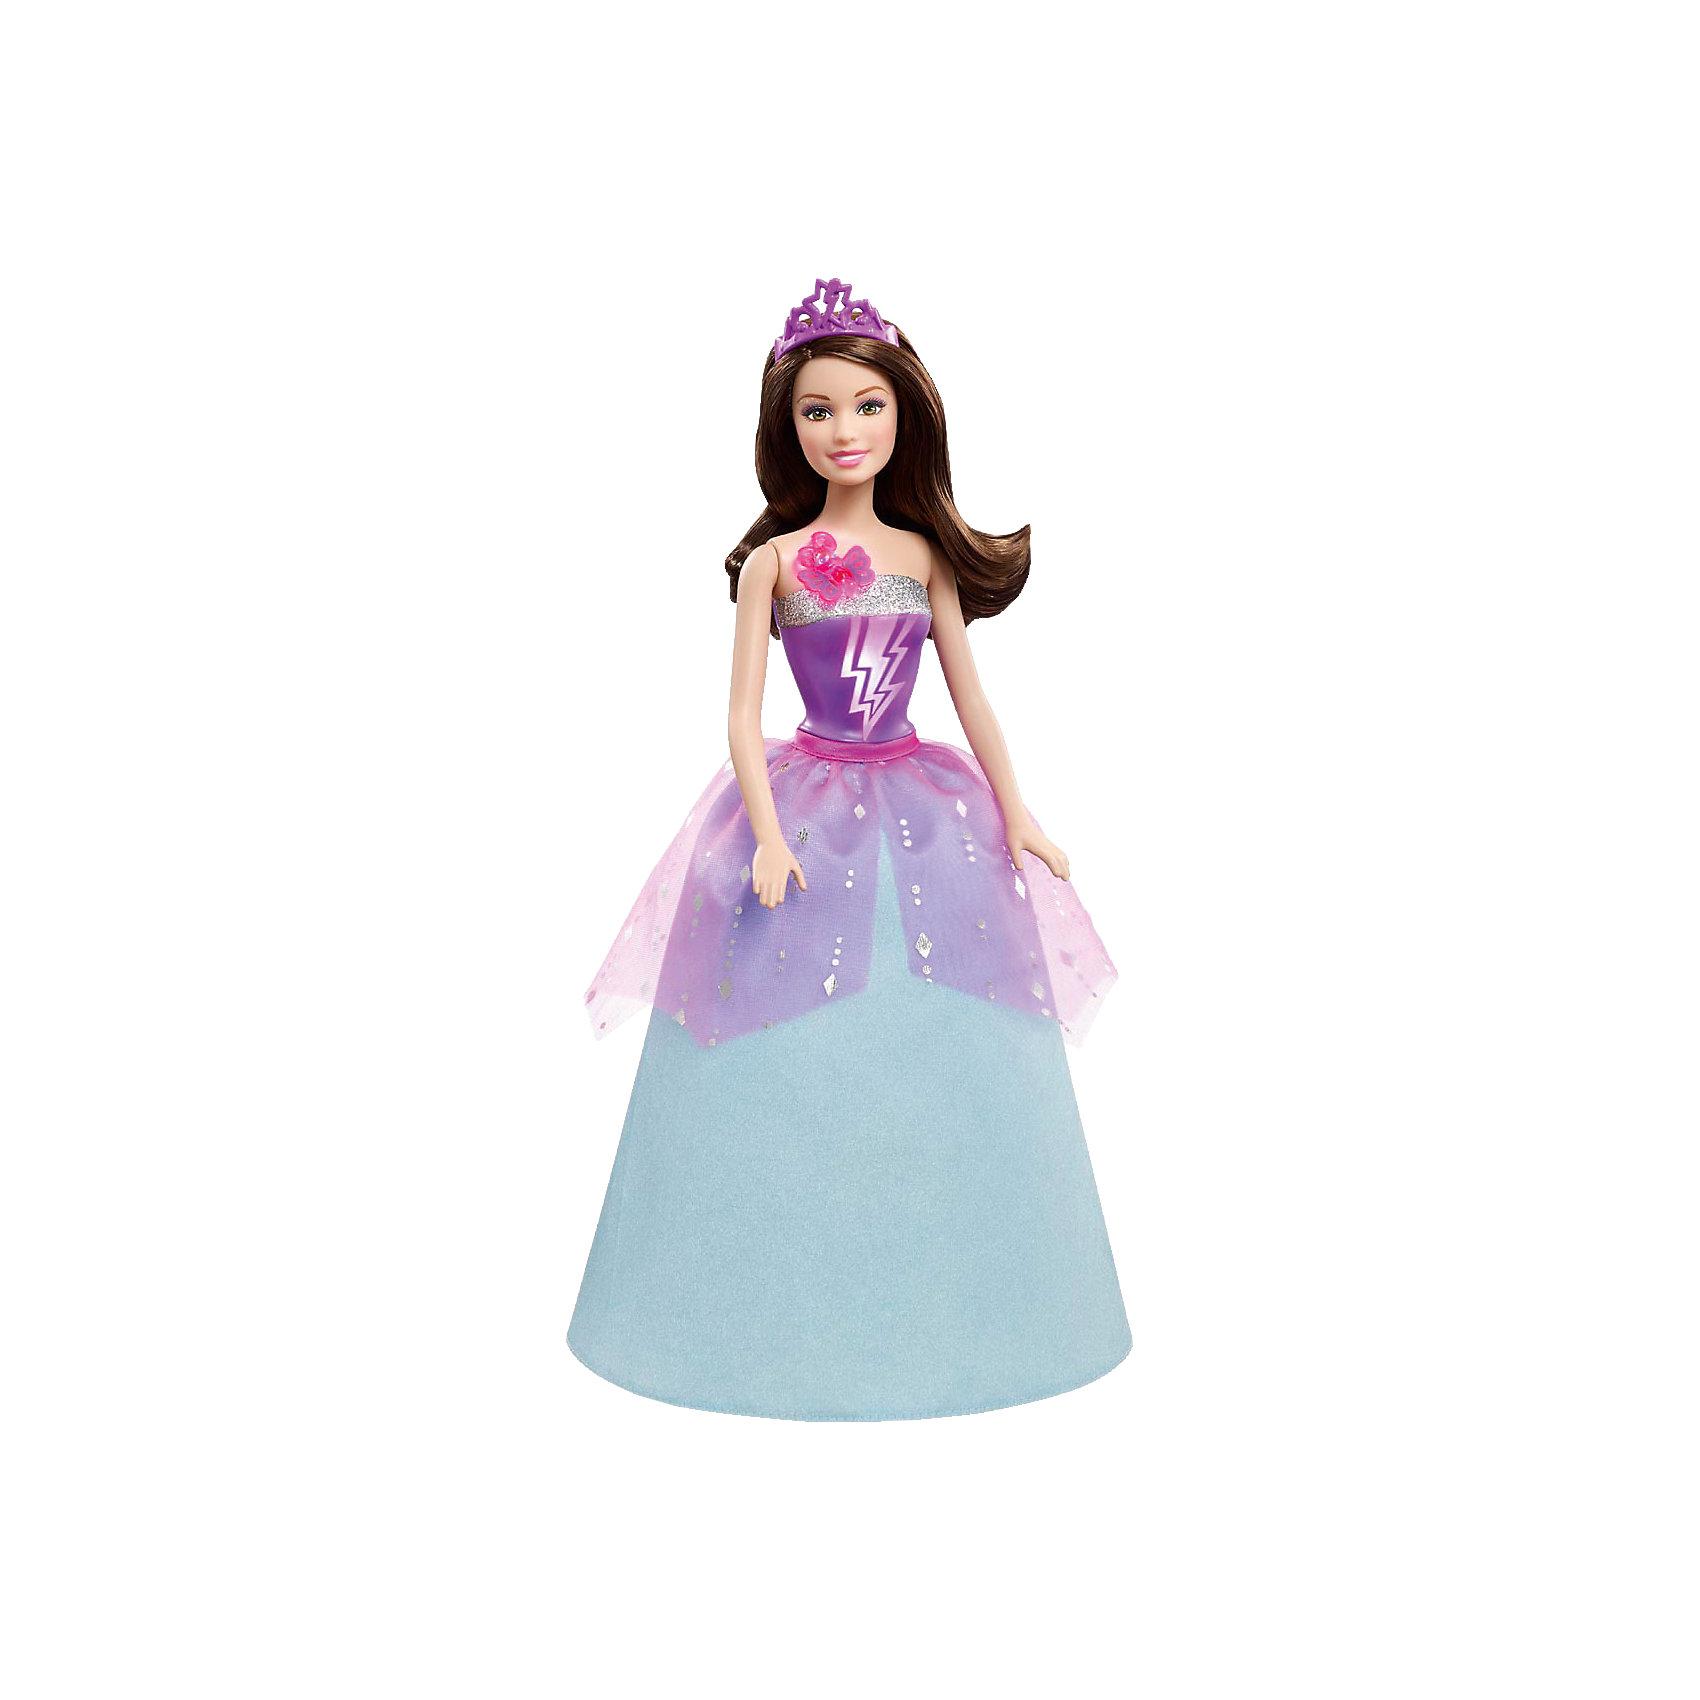 Супер-принцесса Корин, BarbieВ фильме «Барби Супер Принцесса» современную принцессу поцеловала волшебная бабочка, одарив ее суперспособностями. Удастся ли ей вместе с суперподругами защитить королевство от врага? Корин — двоюродная сестра Кары, которая также получила суперспособности благодаря поцелую волшебной бабочки! Эта бесподобная кукла с секретом воспроизводит сцену превращения. Если нажать на блестящую бабочку у нее на плече, раздастся звук поцелуя и волшебная музыка, а топ куклы засияет цветными молниями.<br>В роскошном фиолетово-синем платье с пышной юбкой и мерцающей<br>накидкой она выглядит как настоящая принцесса. Перевоплощайся вместе с Корин, проигрывай сцены из любимого мультфильма или придумывай свои новые приключения!<br>Ноги и руки супер-принцессы Корин подвижны и сгибаются в нескольких положениях. Кукла установлена на специальную подставку и самомтоятельно без нее стоять не может.<br><br>Дополнительная информация:<br><br>- Материал: пластик, текстиль.<br>- Размер куклы: 29 см.<br>- Голова, руки, ноги подвижные.<br>- Комплектация: кукла, одежда, диадема.<br>- Элемент питания:  3 батарейки типа AG13 ( в комплекте ).<br><br>Супер-принцессу Корин, Barbie (Барби) можно купить в нашем магазине.<br><br>Ширина мм: 328<br>Глубина мм: 248<br>Высота мм: 63<br>Вес г: 305<br>Возраст от месяцев: 36<br>Возраст до месяцев: 72<br>Пол: Женский<br>Возраст: Детский<br>SKU: 3858567